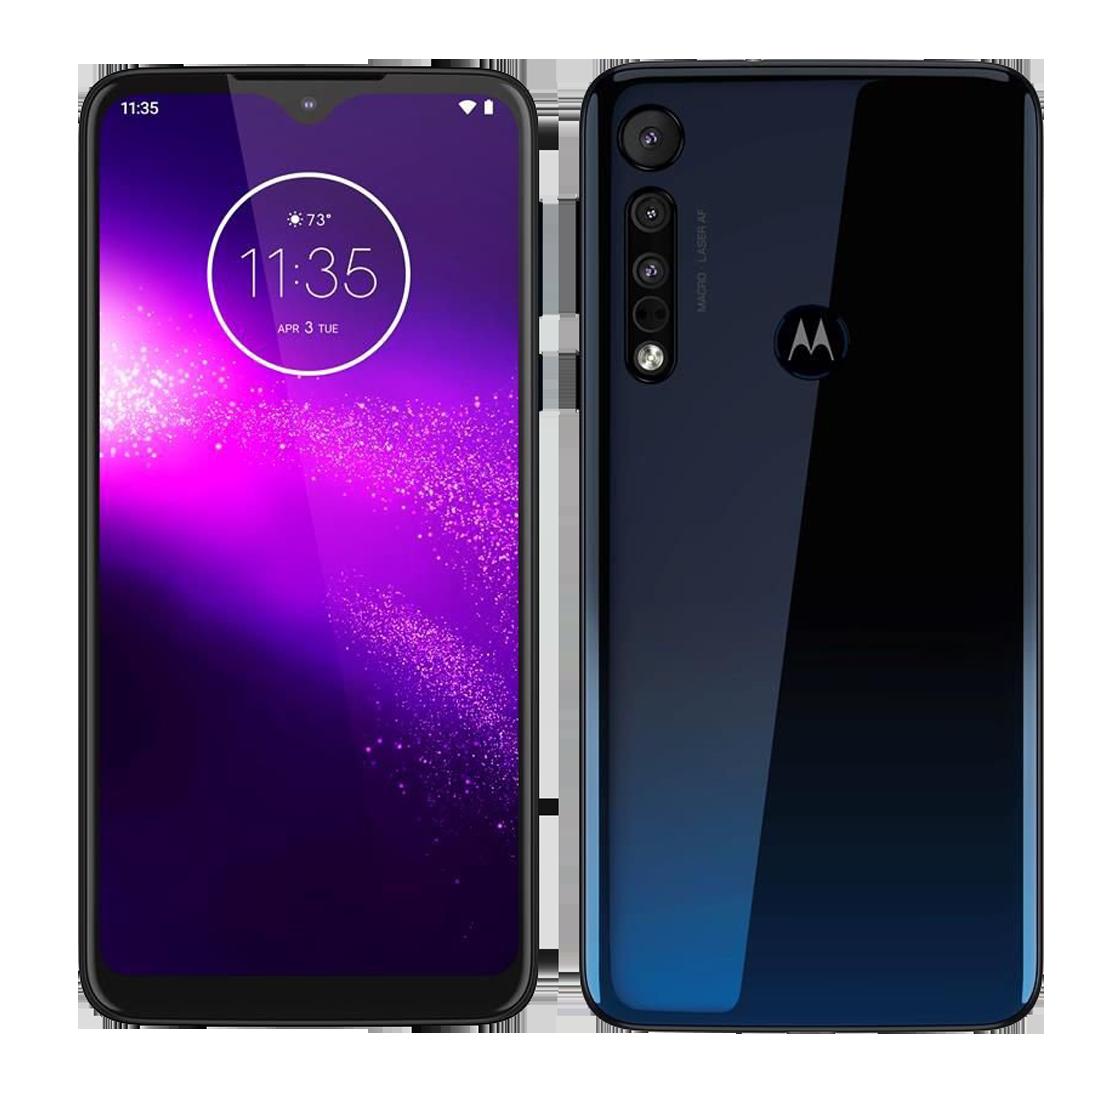 Motorola One Macro recebe Android 10 e Moto G8 Play pode ser o próximo